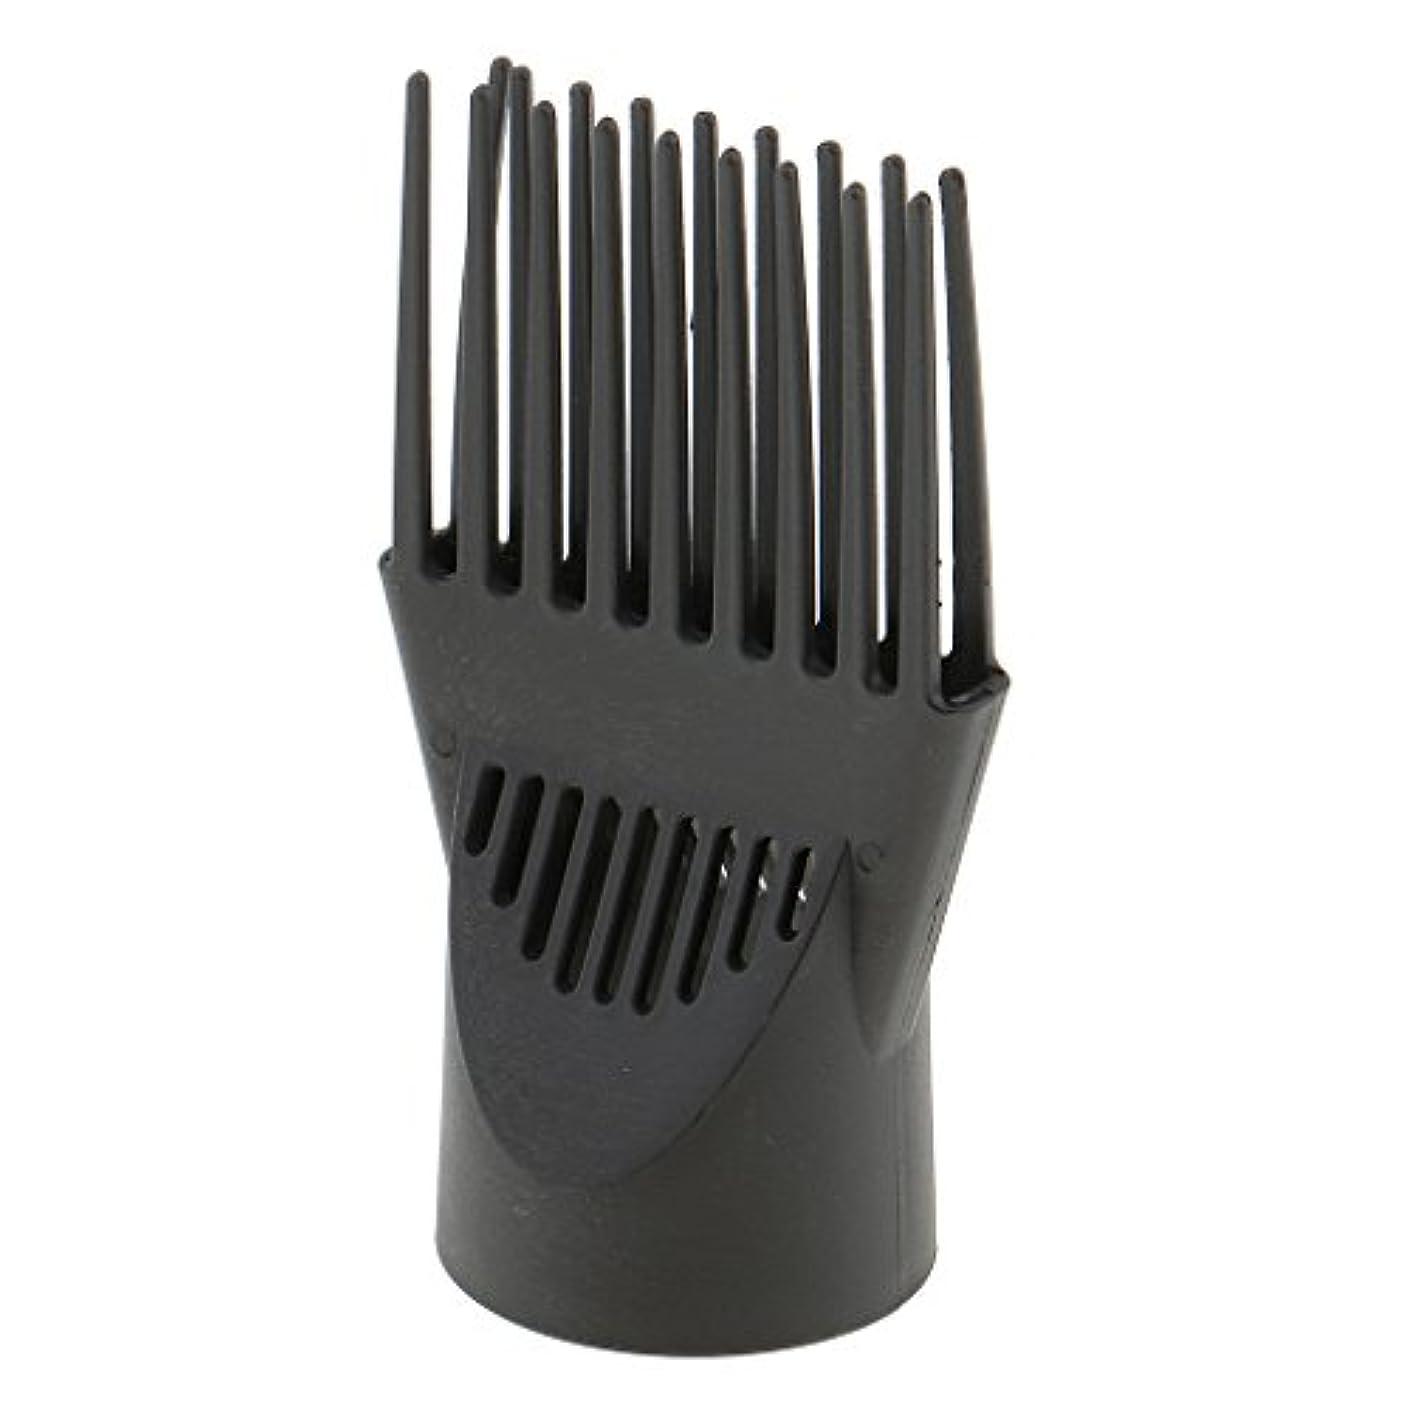 分析変わる経由でヘアドライヤーディフューザー 風吹きカバー プラスチック デュアルグリップ ユニバーサル